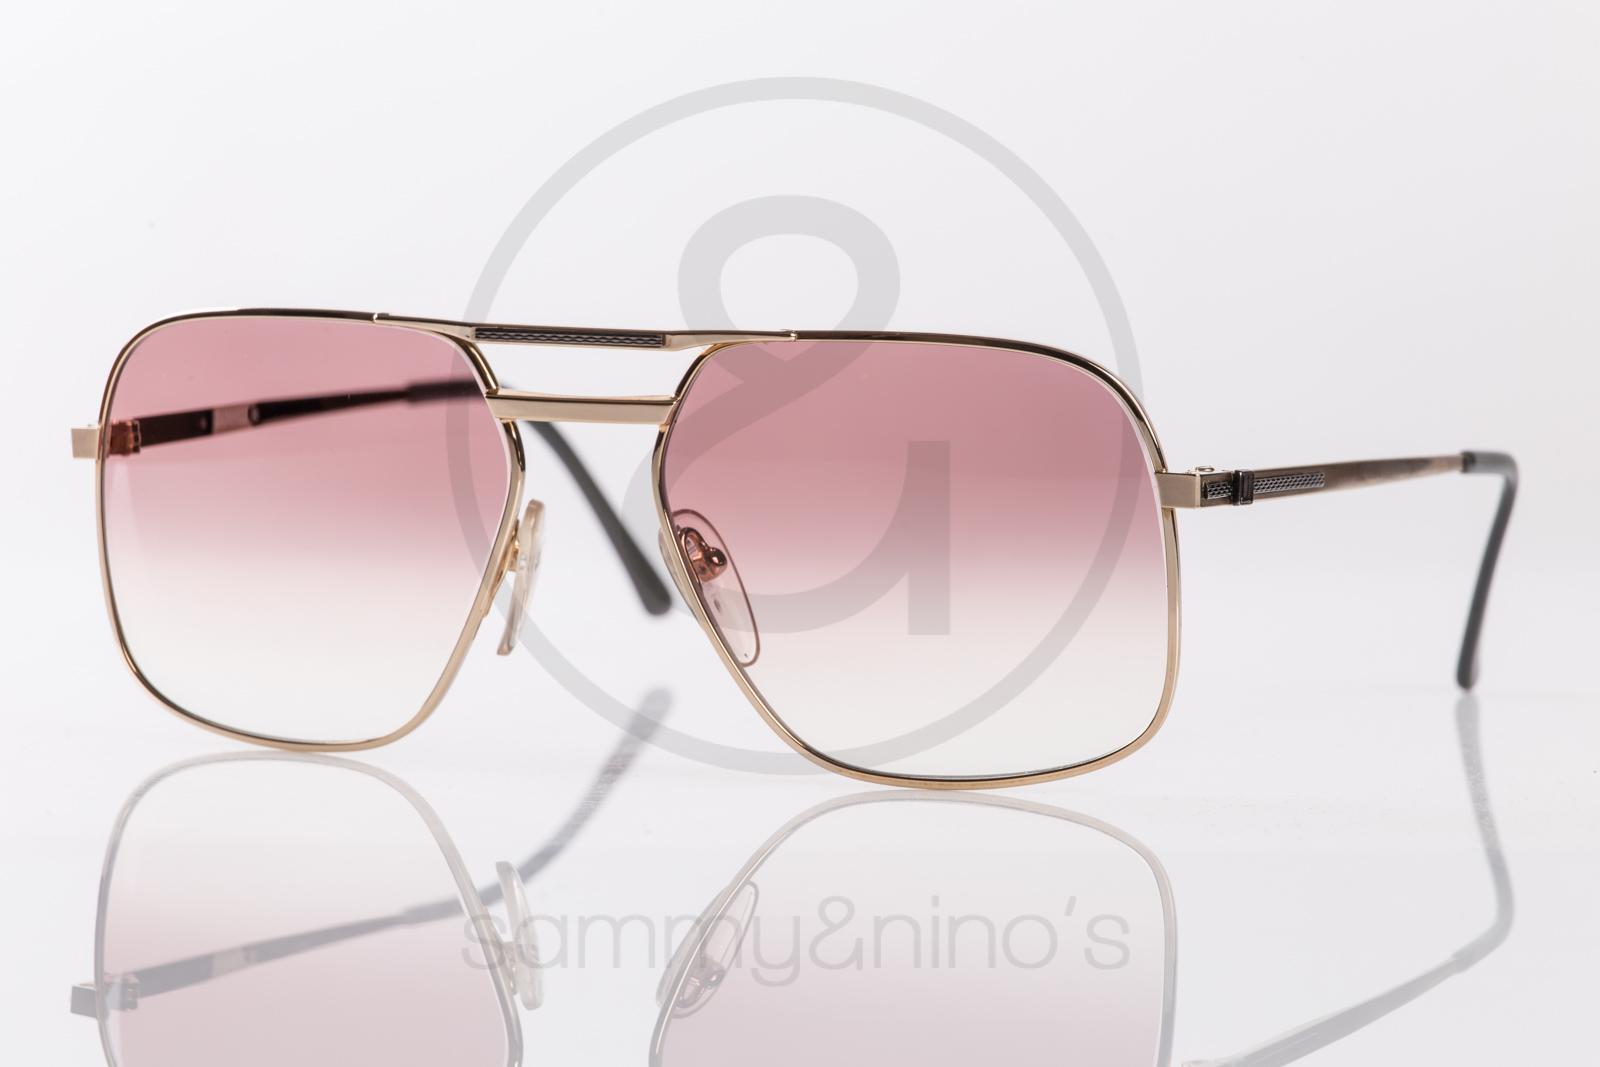 Dunhill Titanium Glasses Heritage Malta